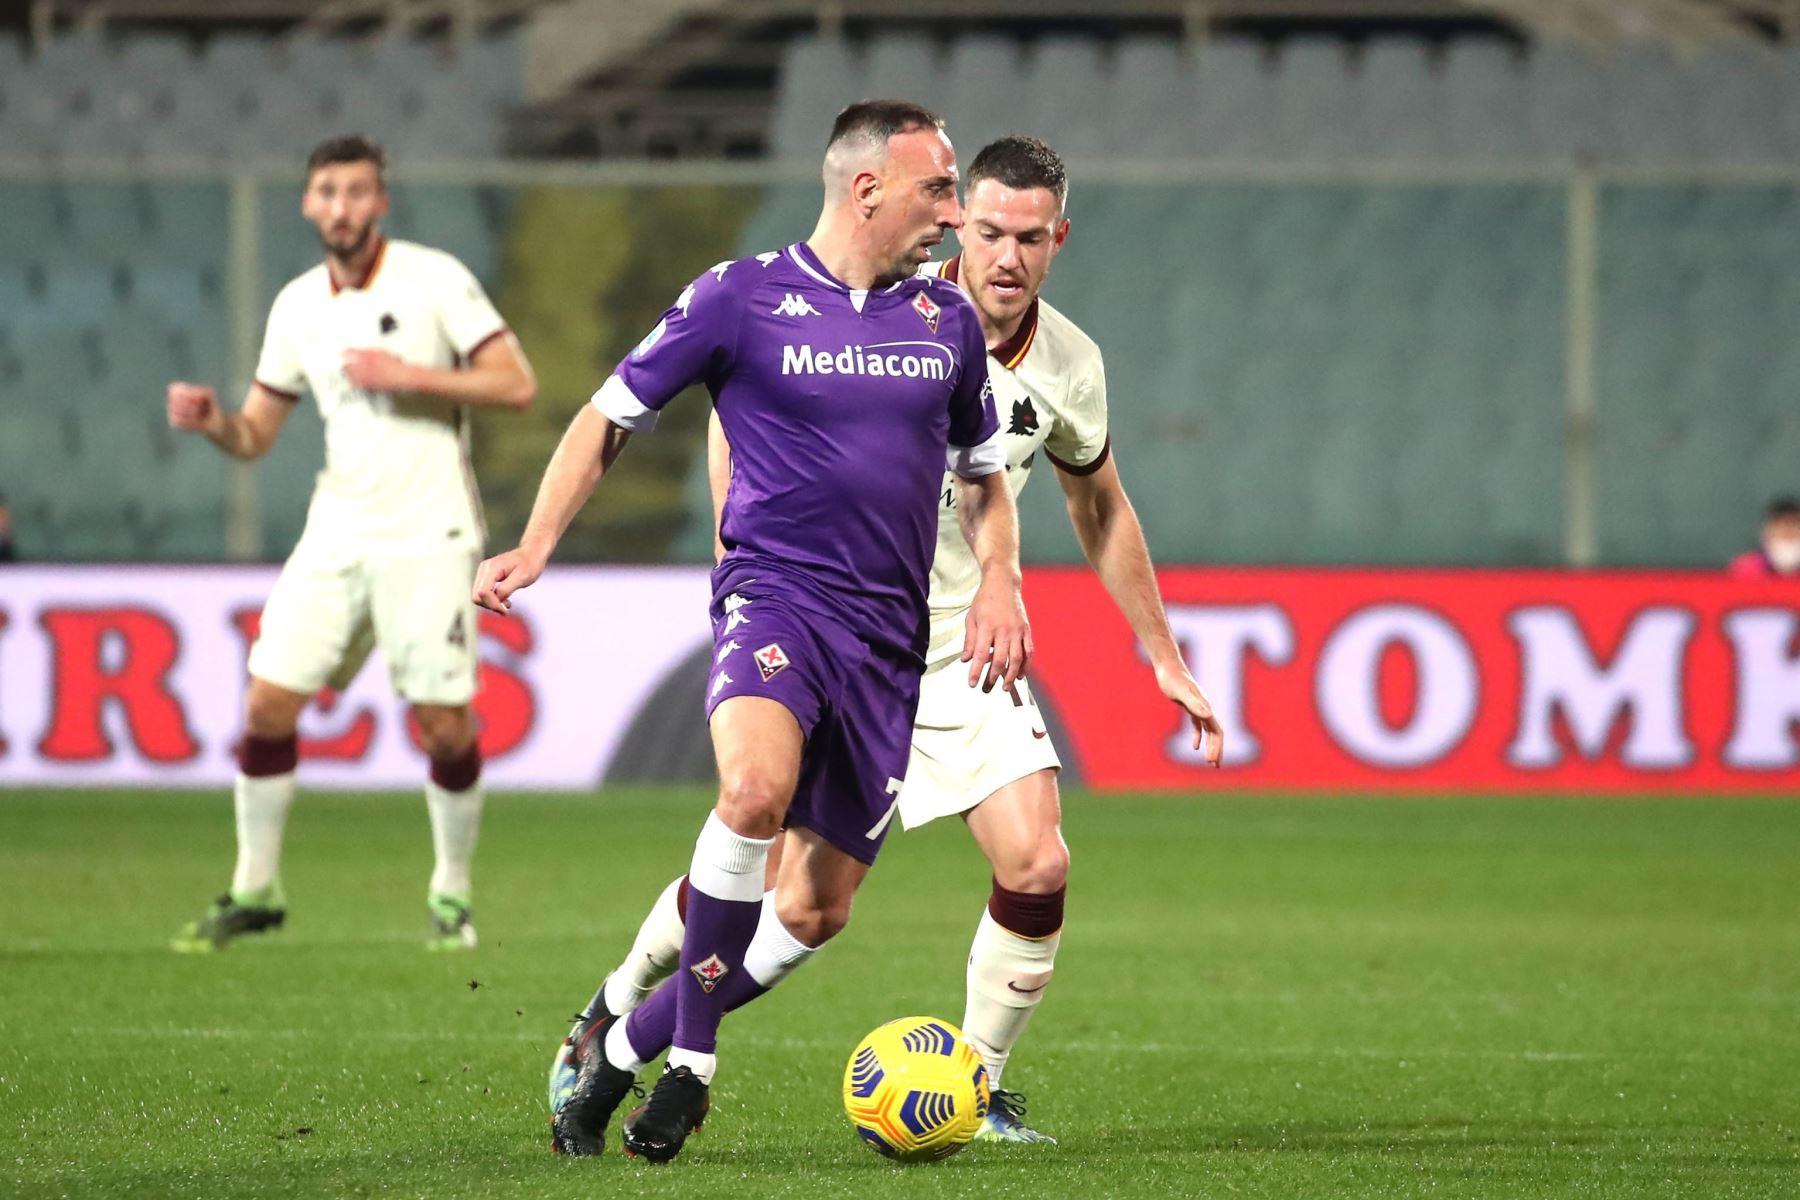 El centrocampista de la Fiorentina Franck Ribéry compite por el balón con el centrocampista de la Roma Jordan Veretout durante el partido de fútbol de la Serie A. Foto: EFE